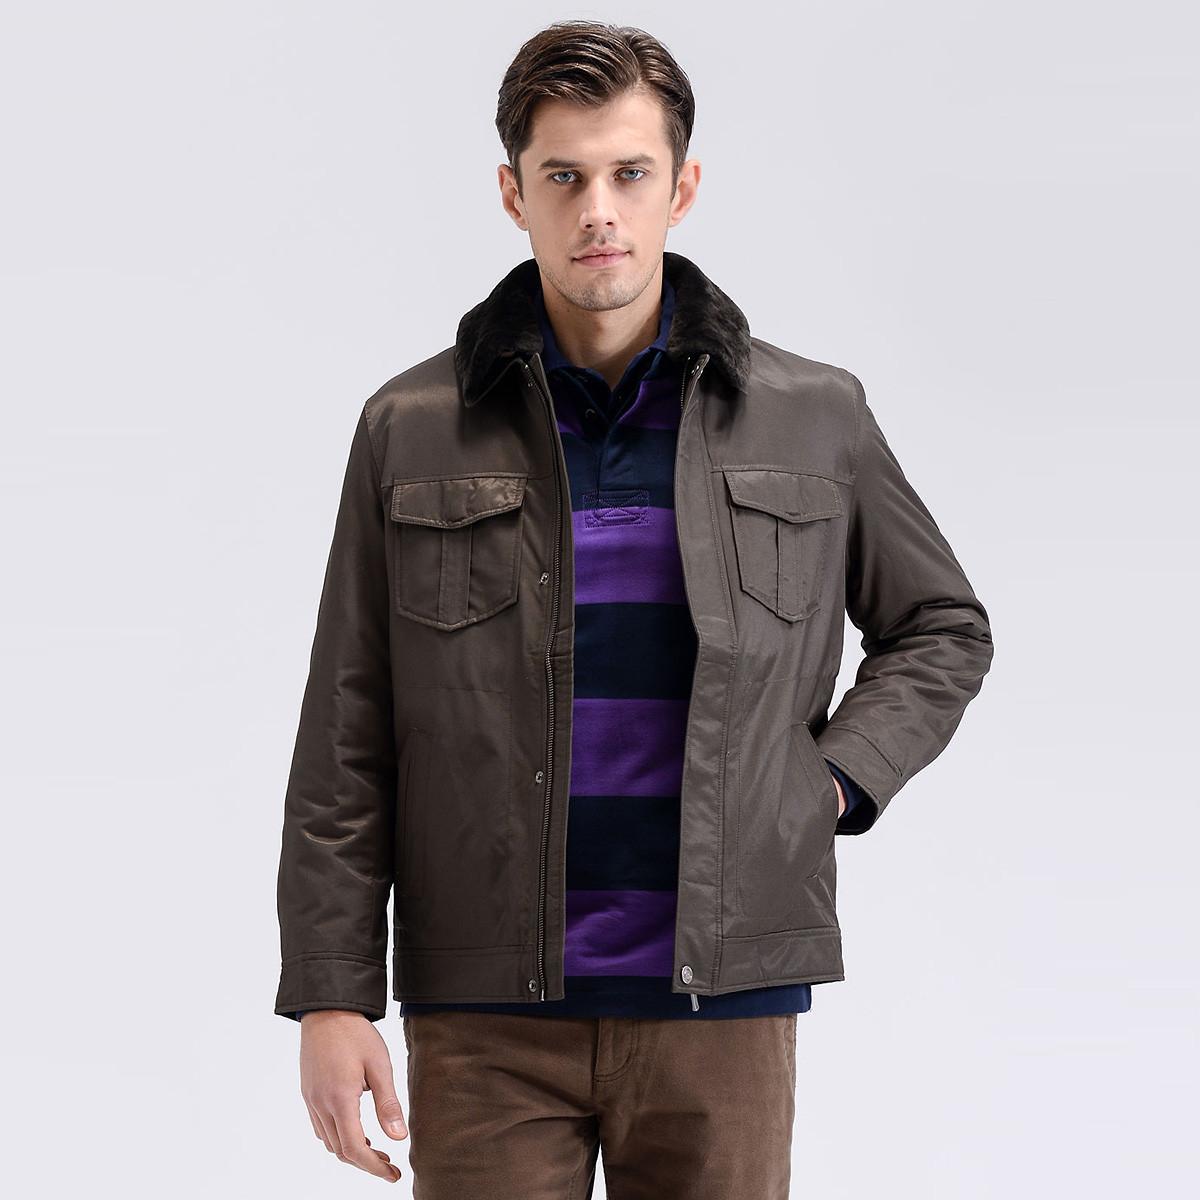 圣大保罗圣大保罗秋冬休闲羊毛皮领宽松大码男士棉服PW12WJ211P8